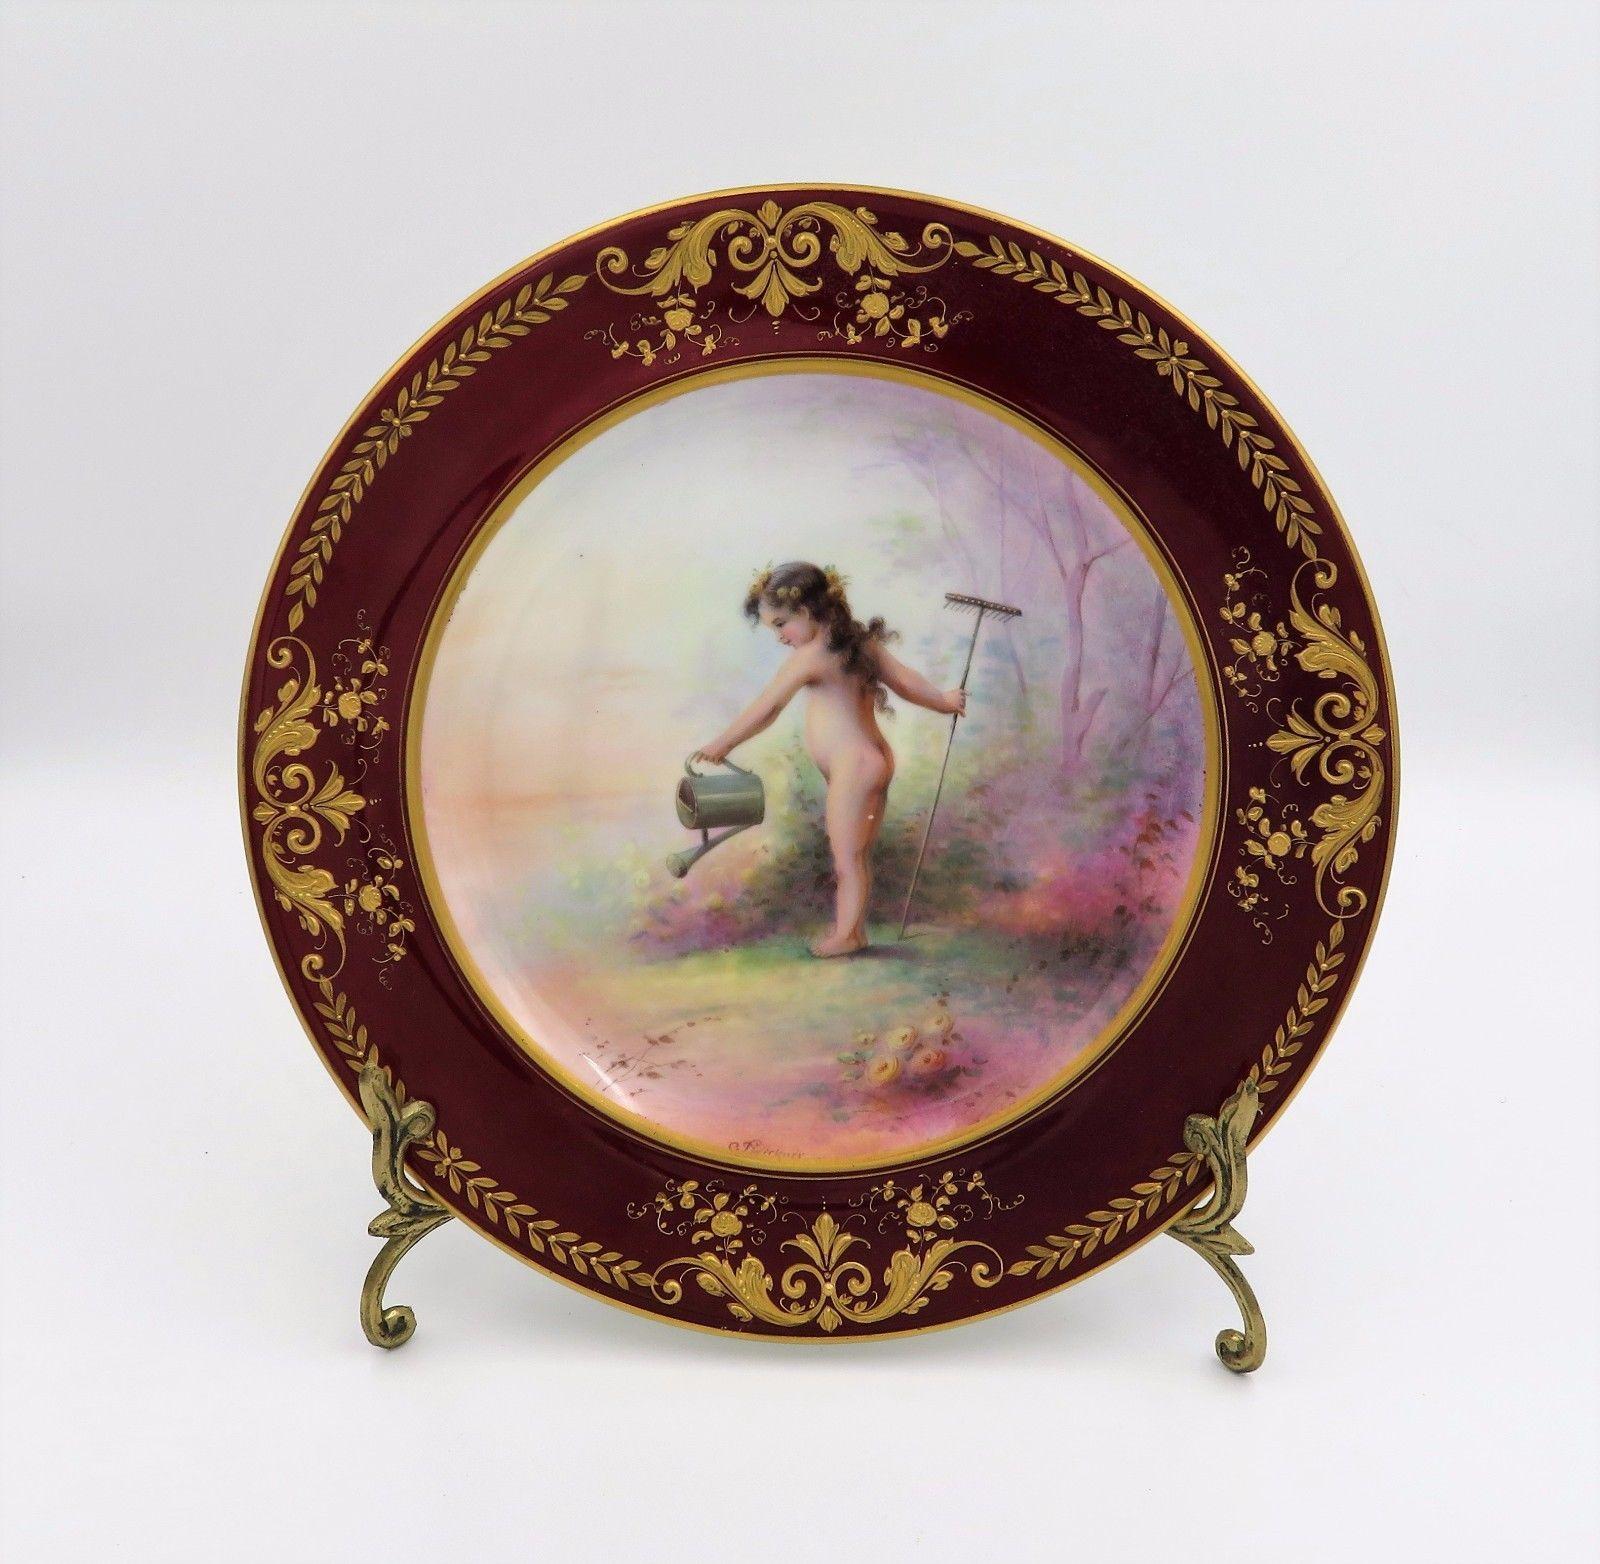 Exquisite antique aynsley hp by sigmund wirkner 10\  heavy gilt cabinet plate & Exquisite antique aynsley hp by sigmund wirkner 10\